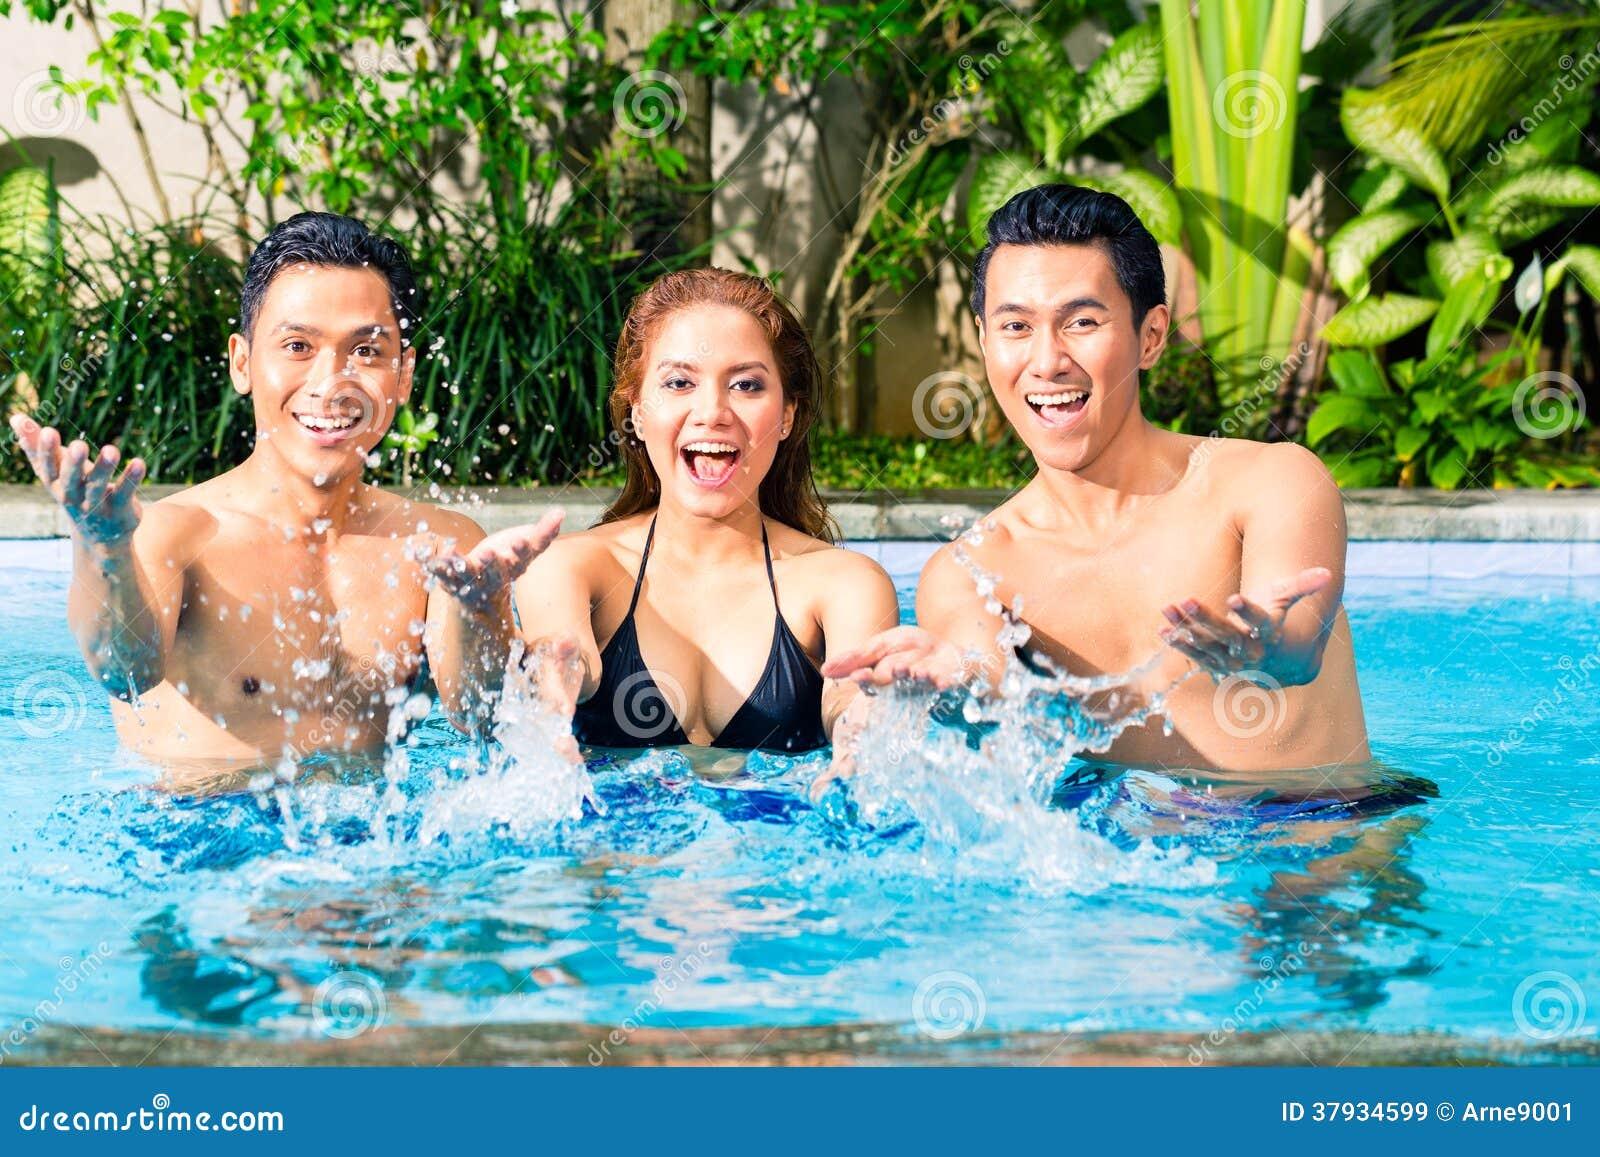 Asiatische Freunde, die im Pool schwimmen